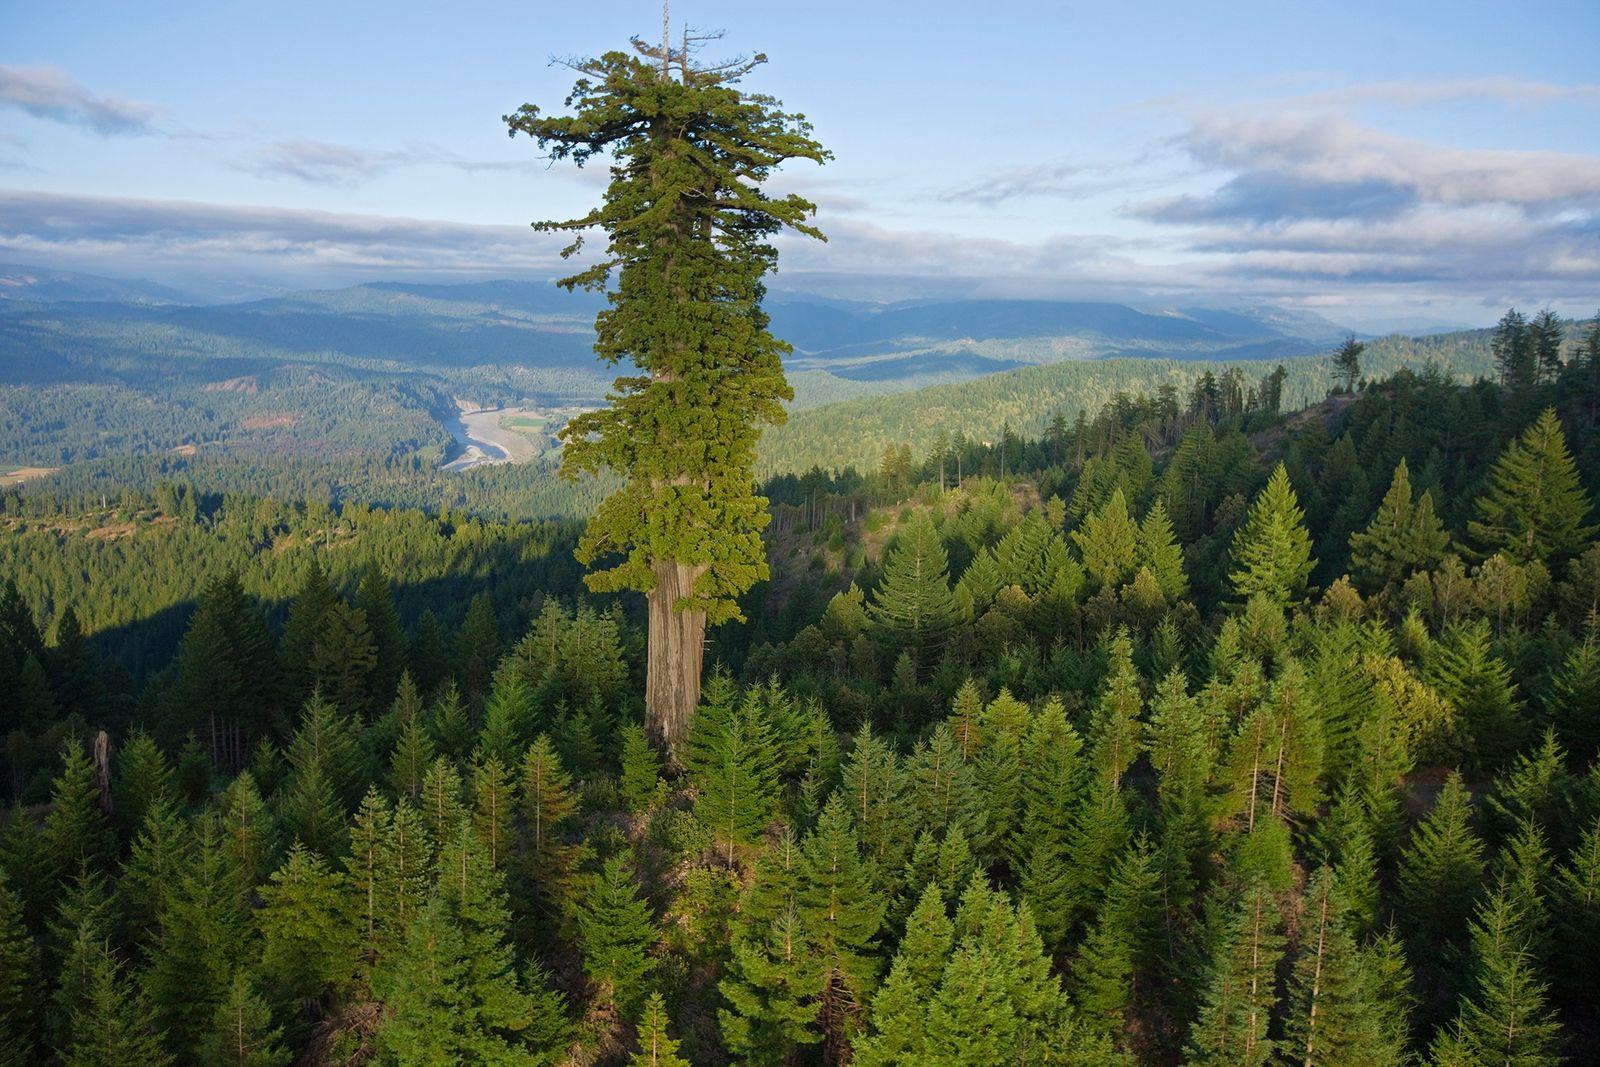 Los árboles más grandes y viejos del mundo están muriendo